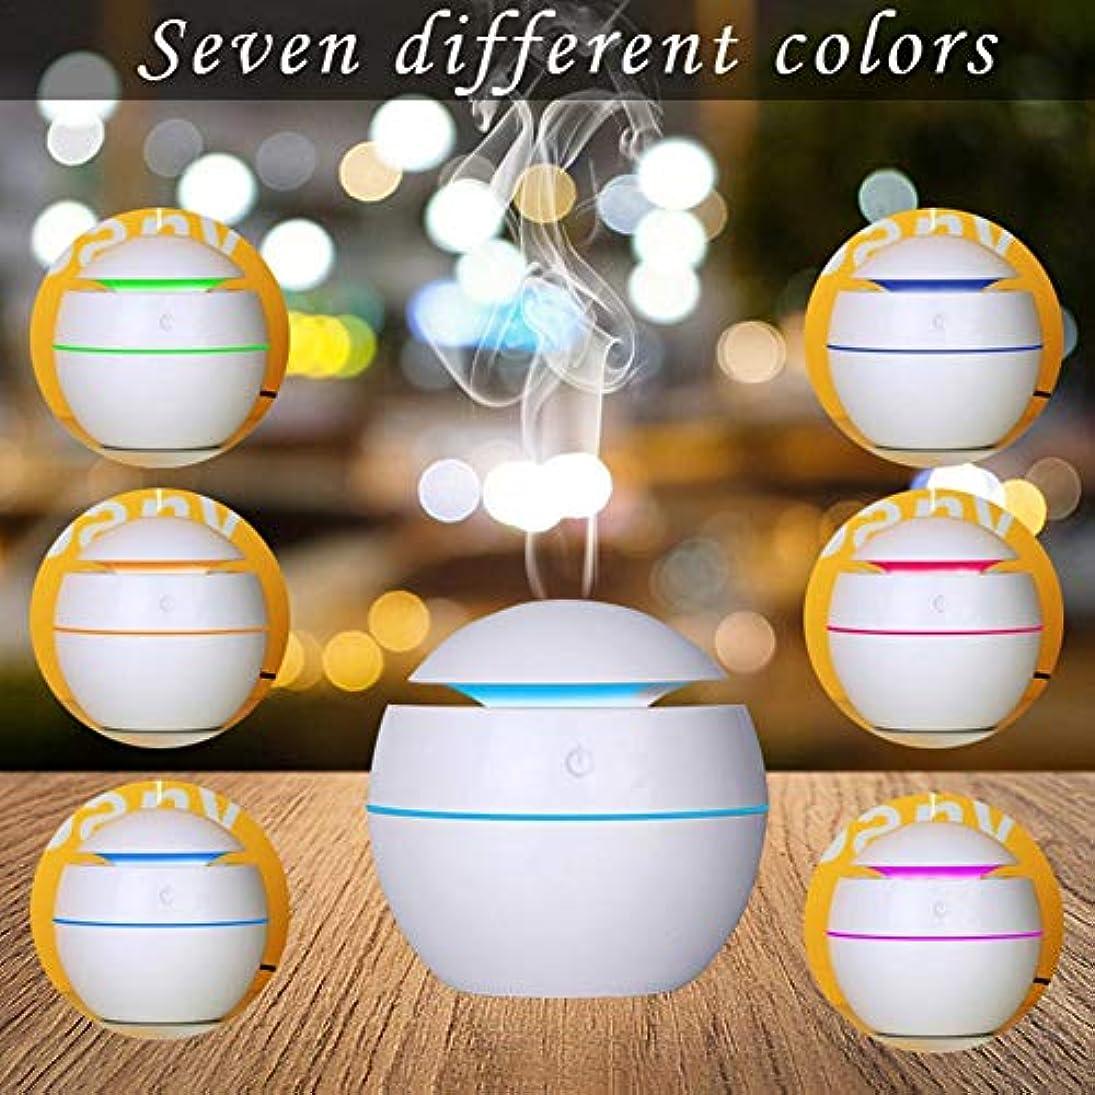 バター鉛読みやすさ最新USB七色変換ミニアロマ加湿器 水分補給アロマディフューザー 静音空気浄化機 (カートン)